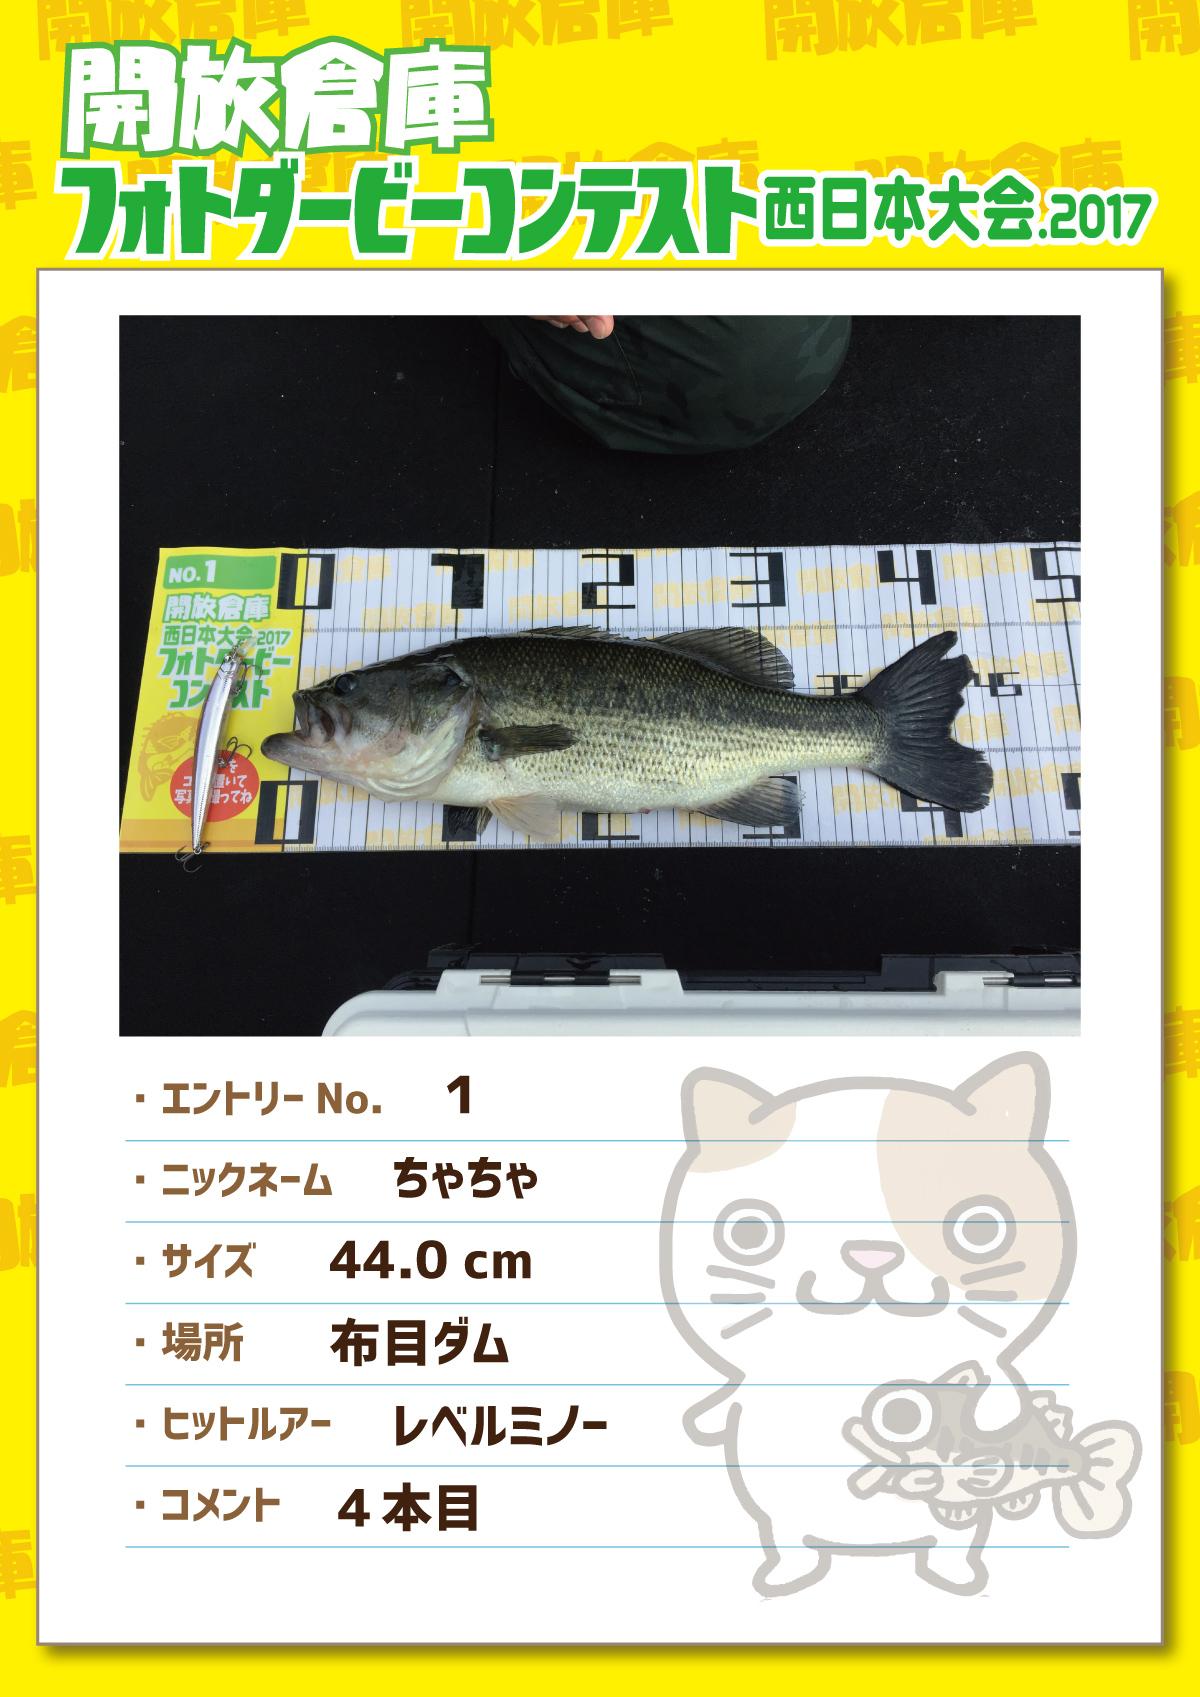 No.1 ちゃちゃ 44.0cm 布目ダム レベルミノー 4本目